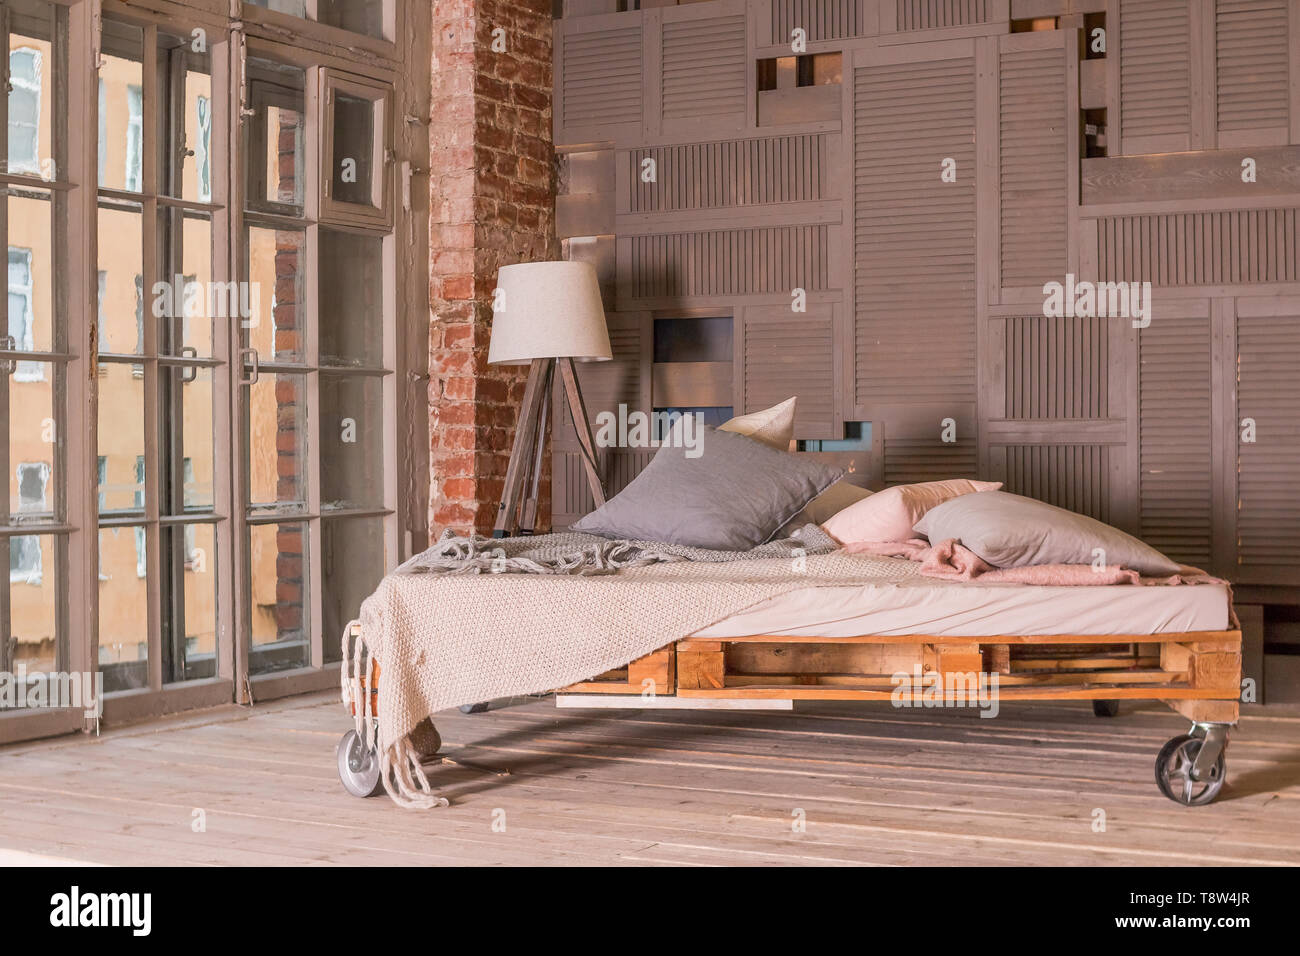 Loft Apartment Interieur. Minimalistische Einrichtung mit ...